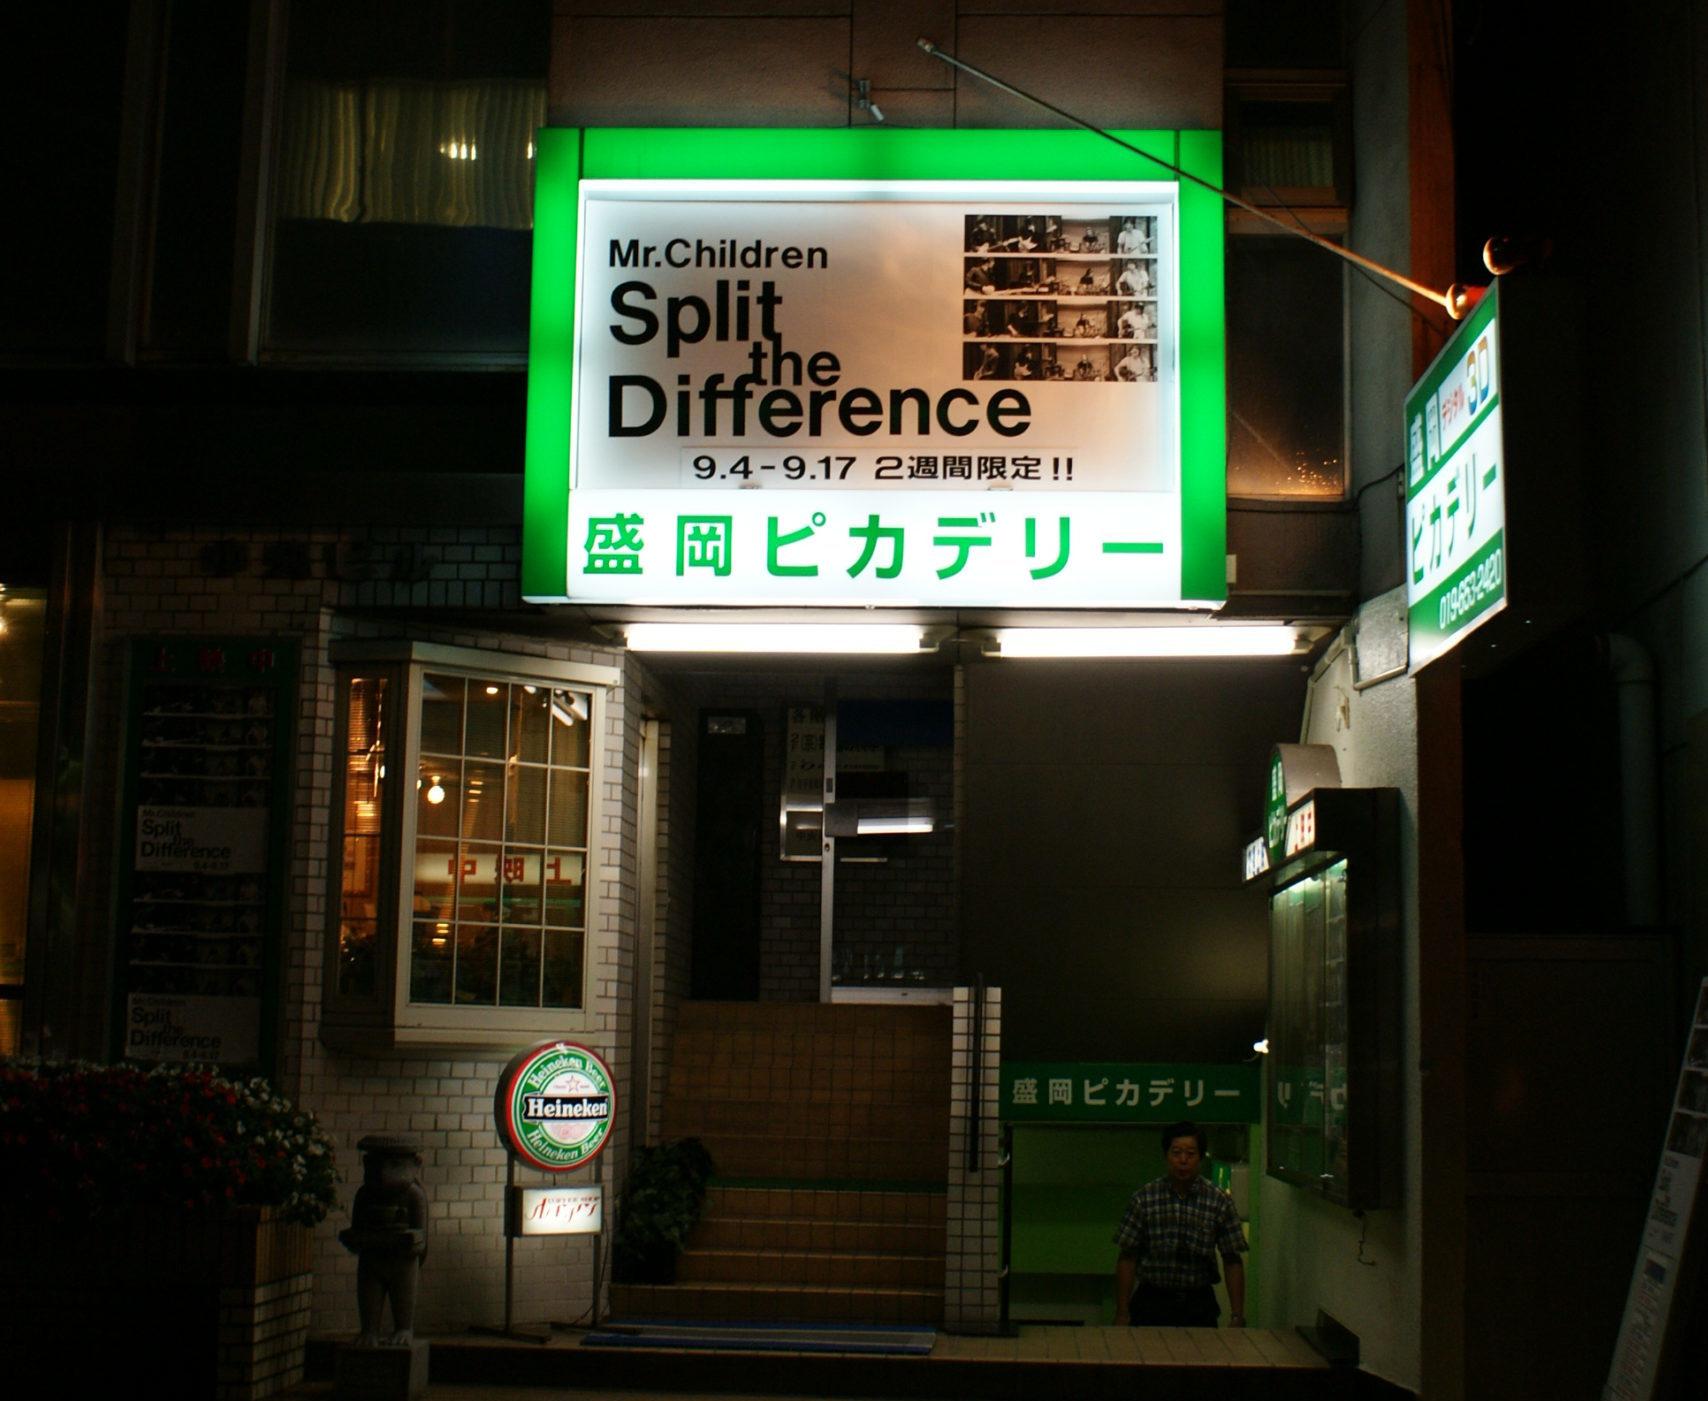 盛岡ピカデリー/ルミエール(岩手県)